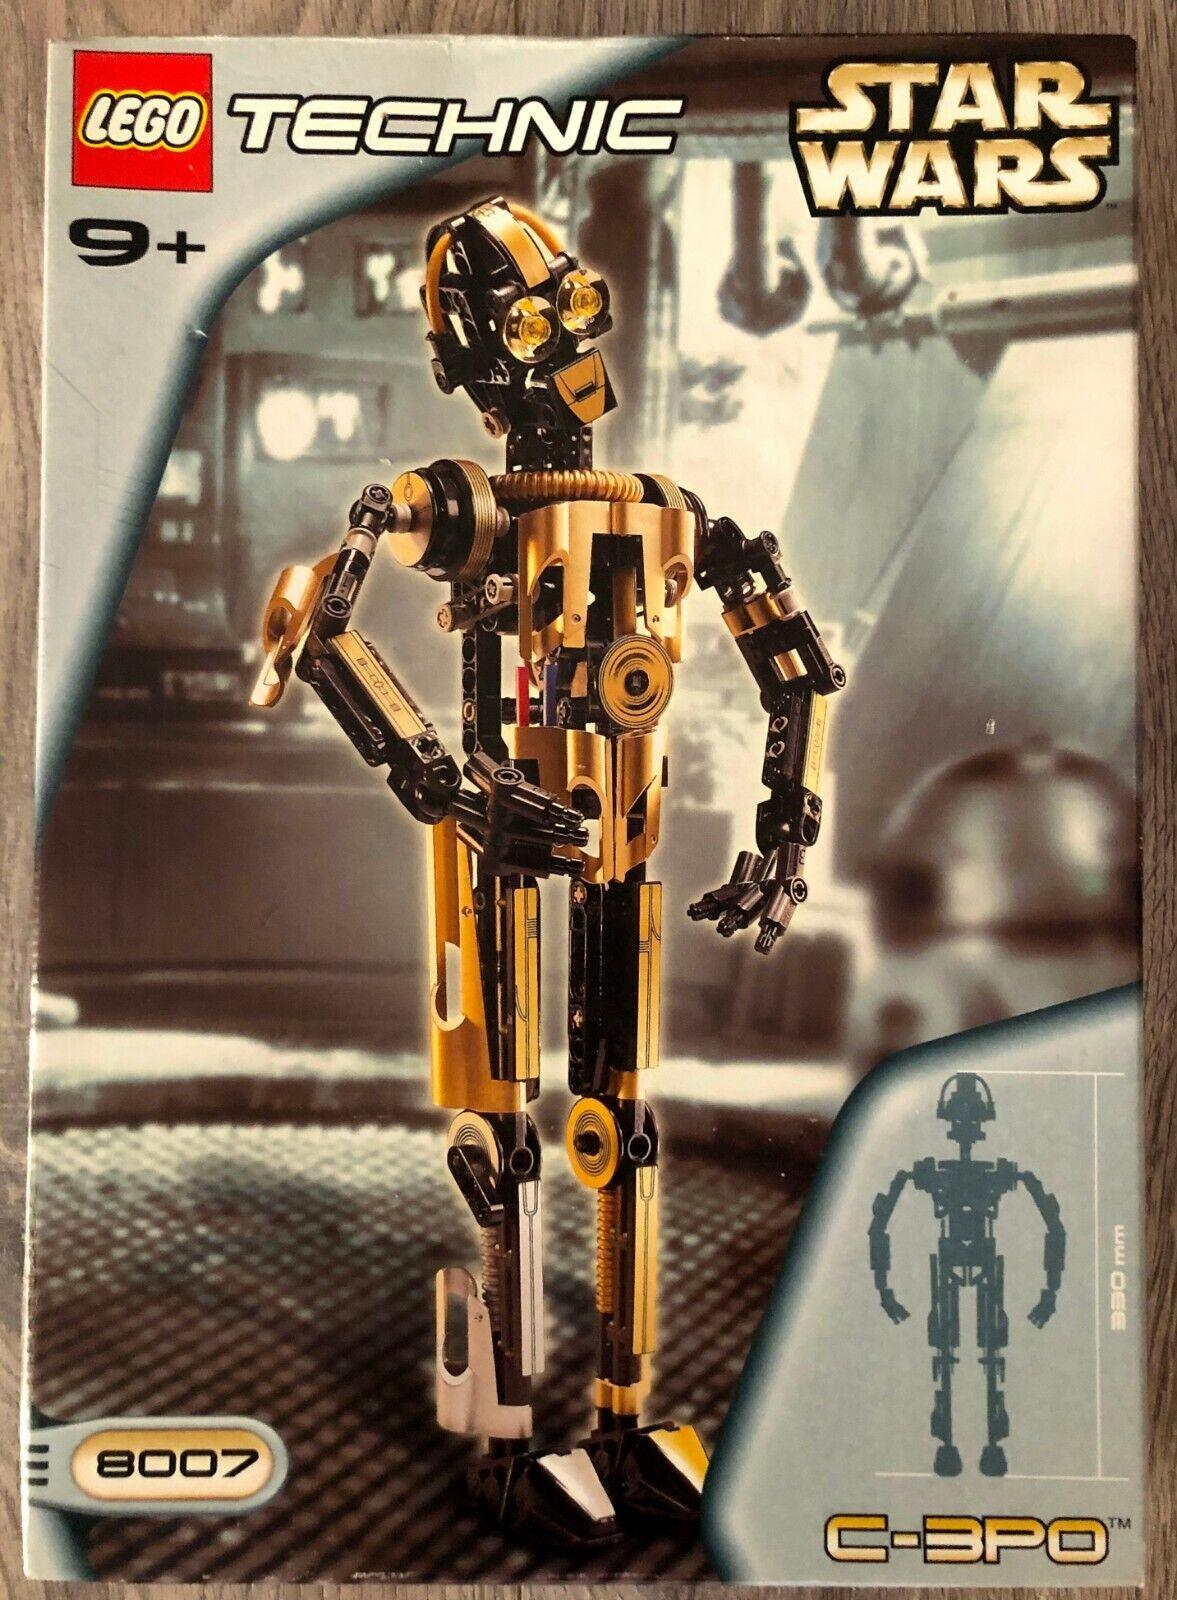 LEGO TECHNIC star wars 8007 C-3PO. Neuf, scellé. Rare. certains shelfwear. voir photos